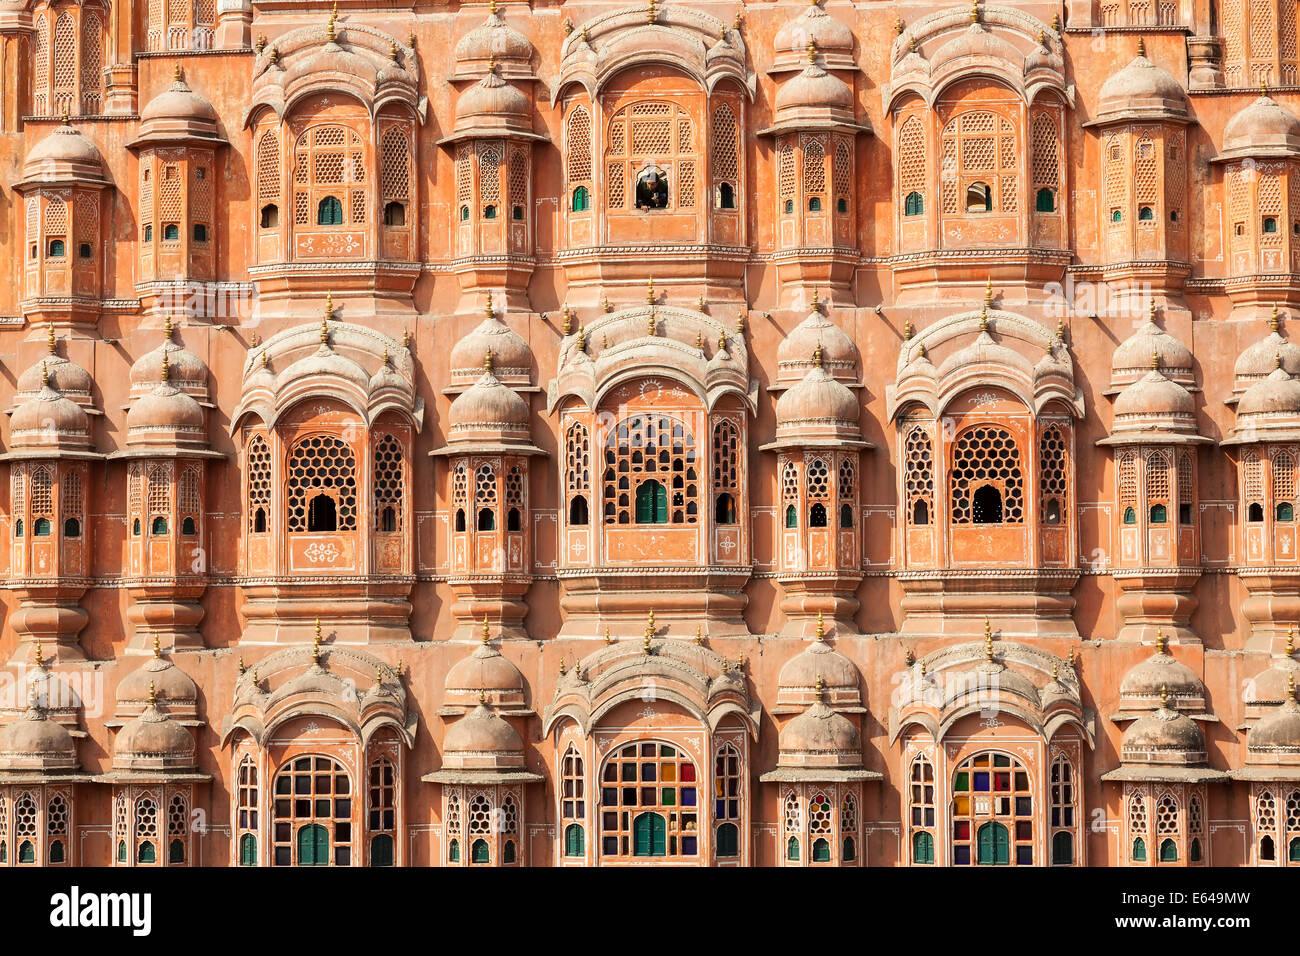 Palace of the Winds (Hawa Mahal), Jaipur, Rajasthan, India - Stock Image